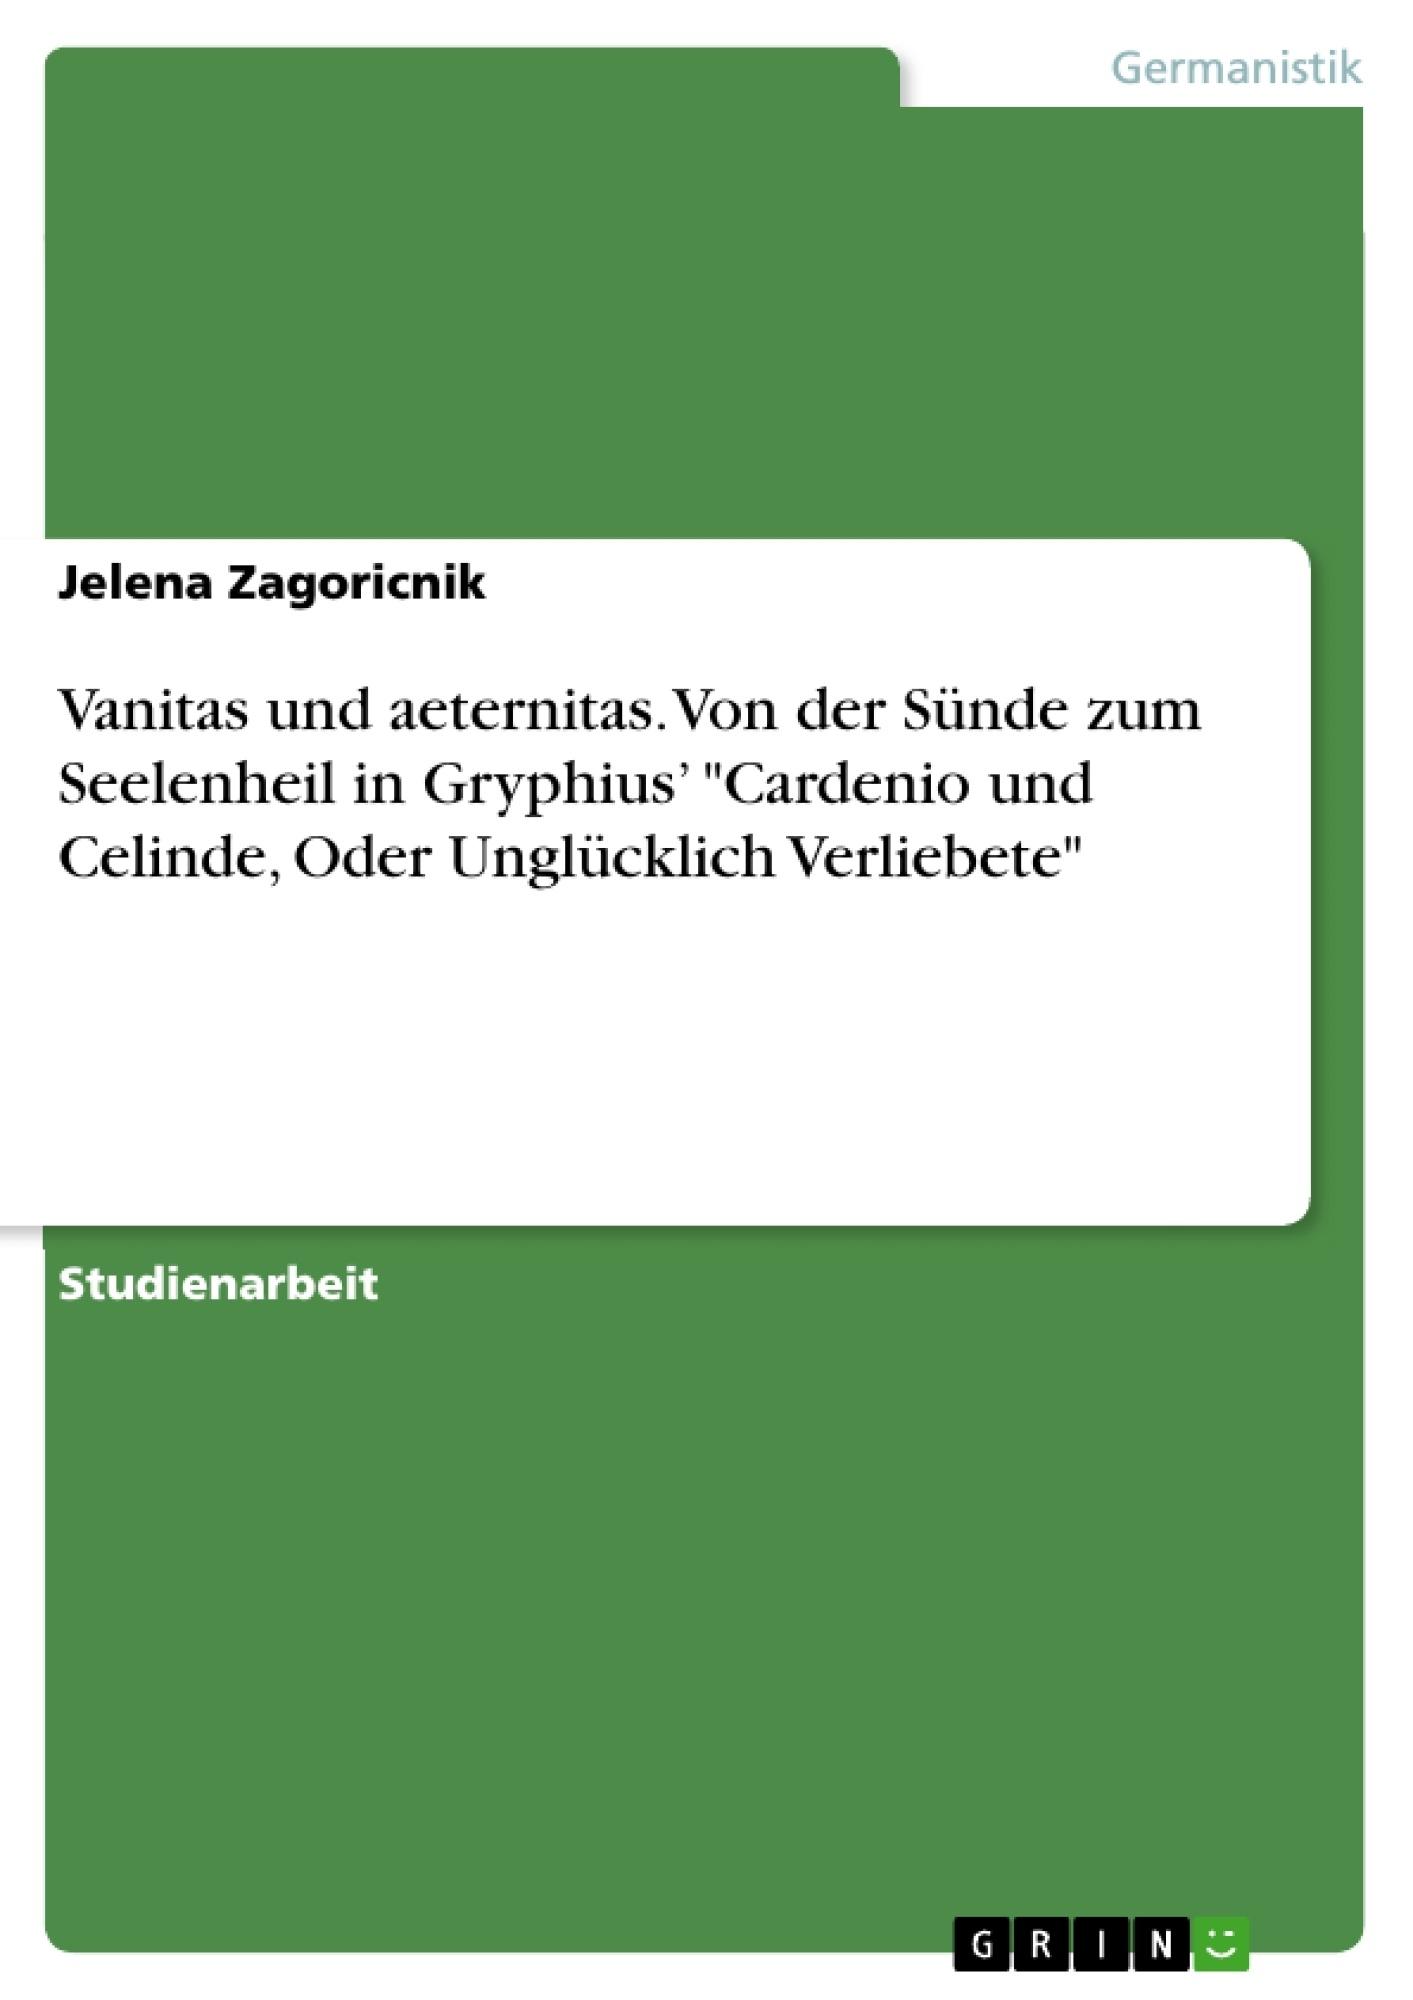 """Titel: Vanitas und aeternitas. Von der Sünde zum Seelenheil in Gryphius' """"Cardenio und Celinde, Oder Unglücklich Verliebete"""""""